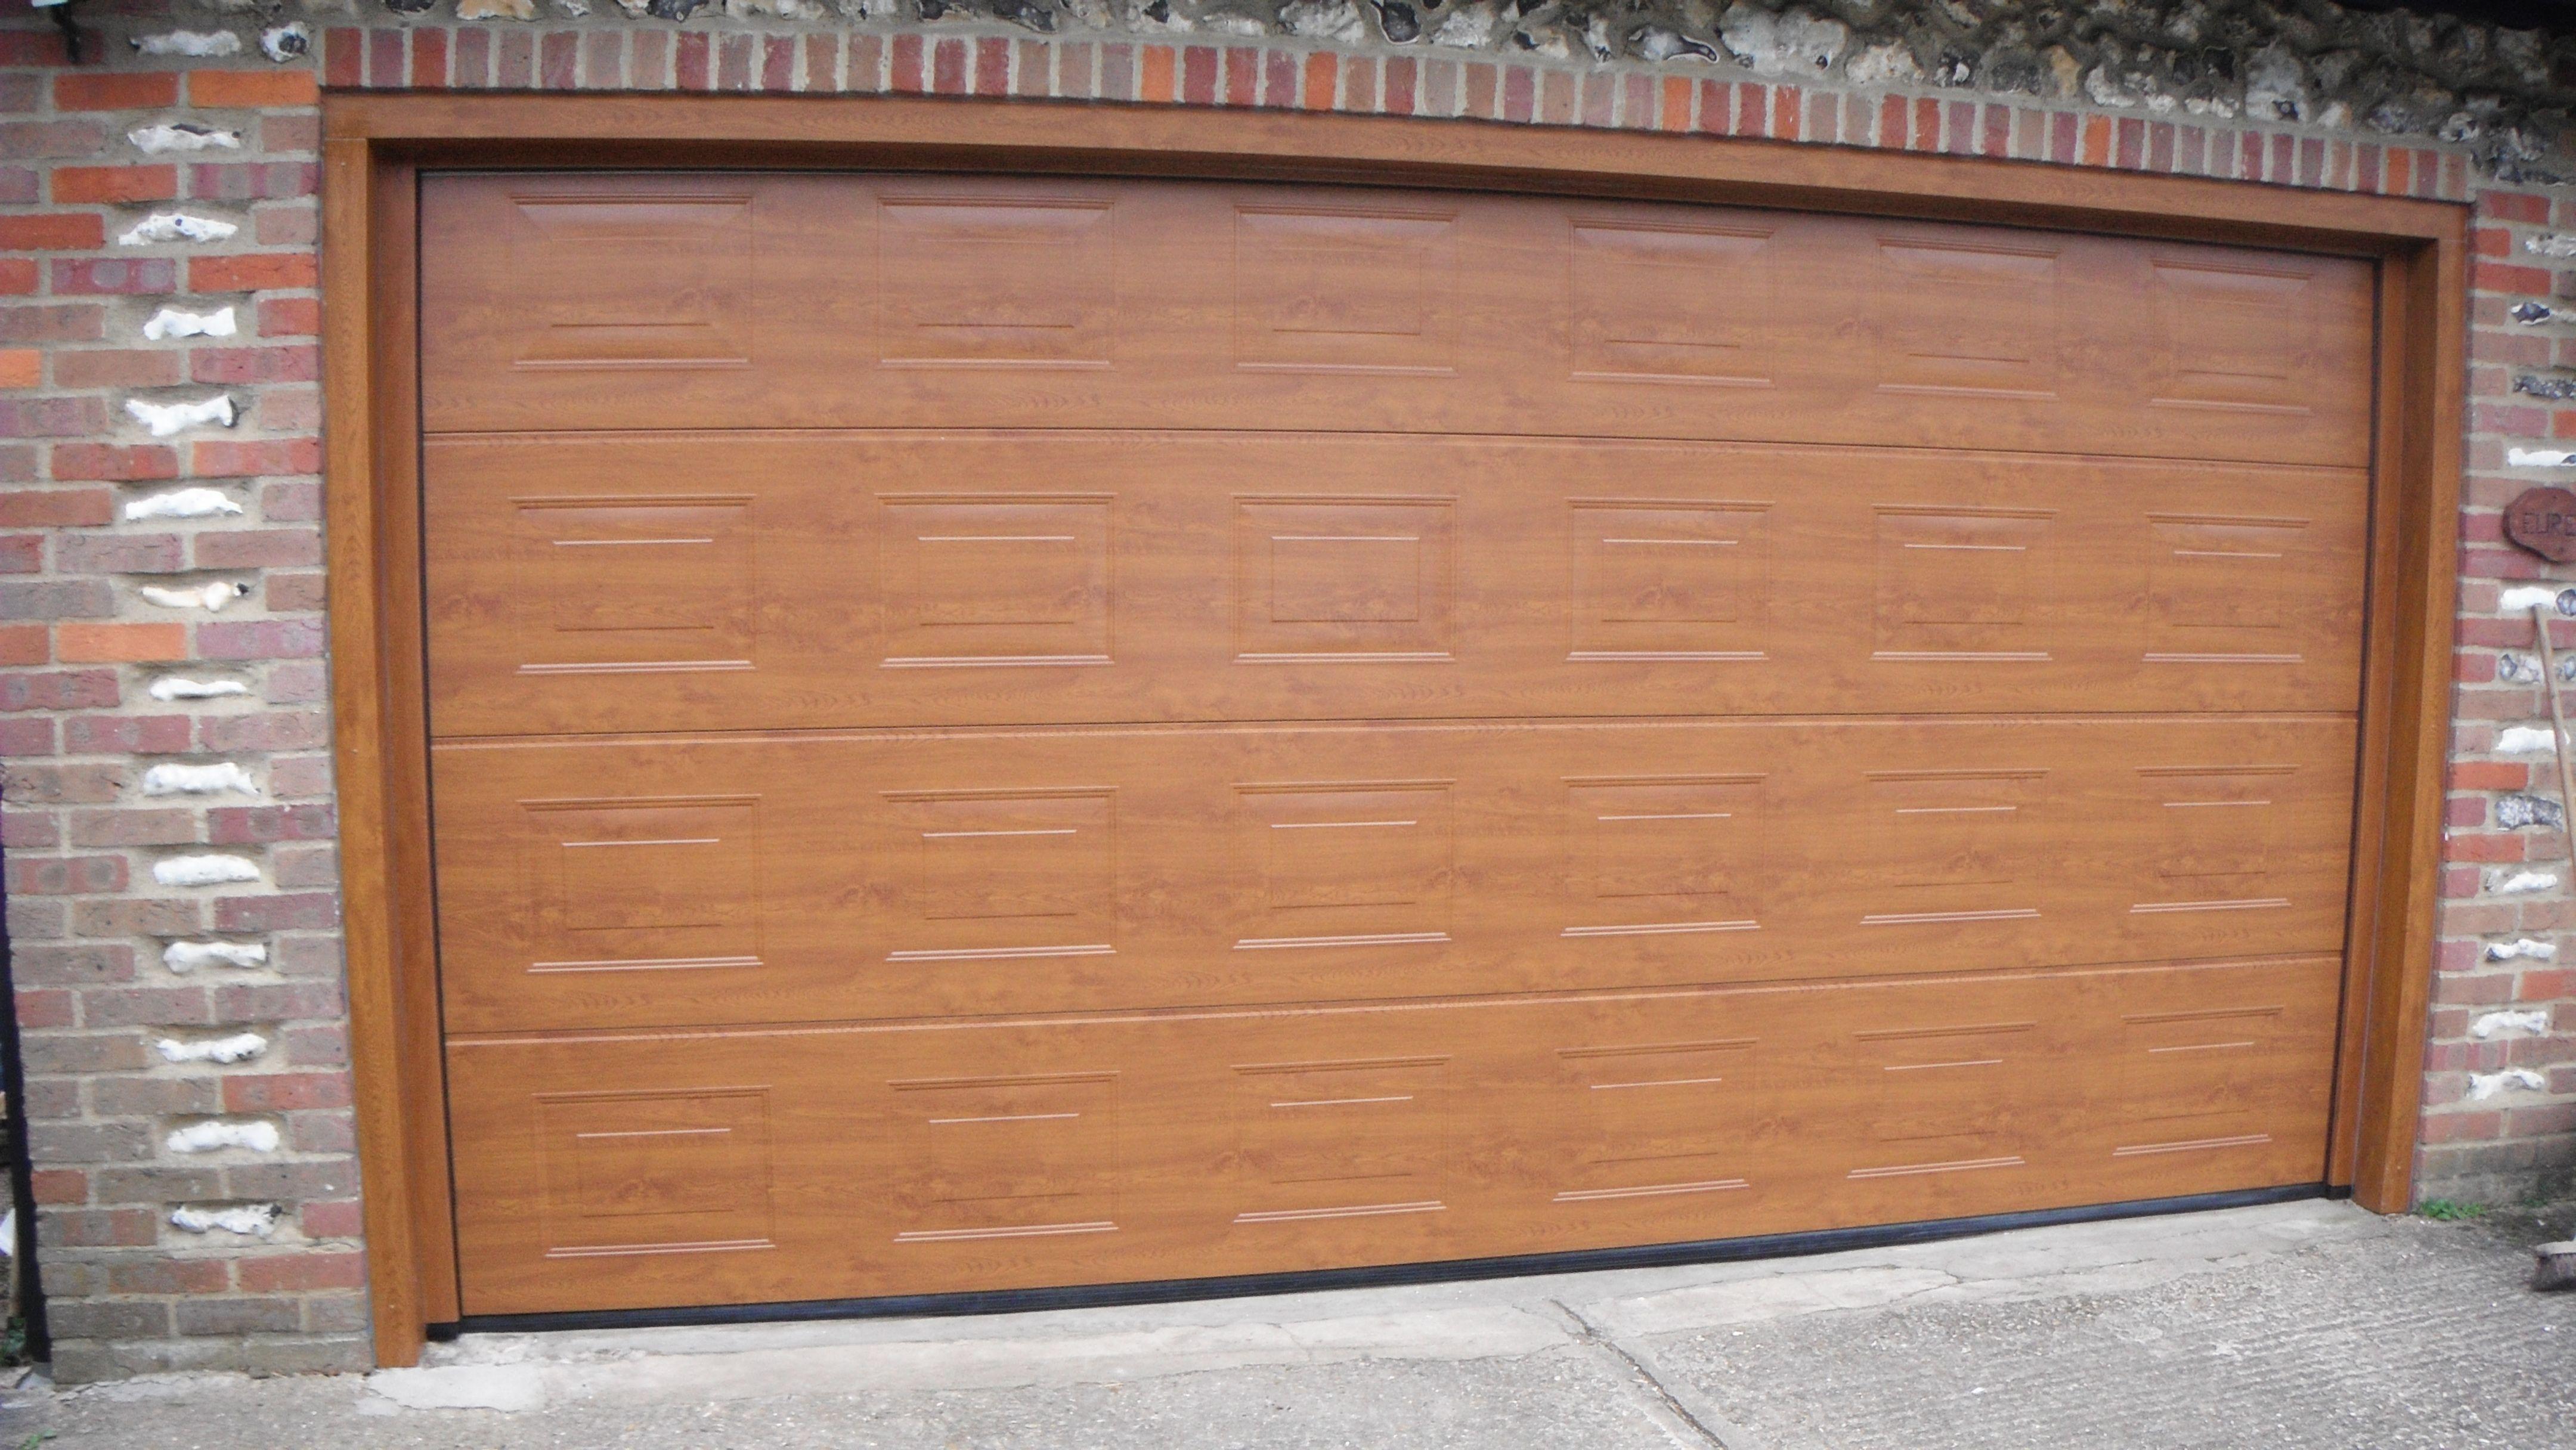 Doors and sidelights matching window on front and black onduline roof - Hormann Golden Oak S Panelled Decograin Sectional Garage Door